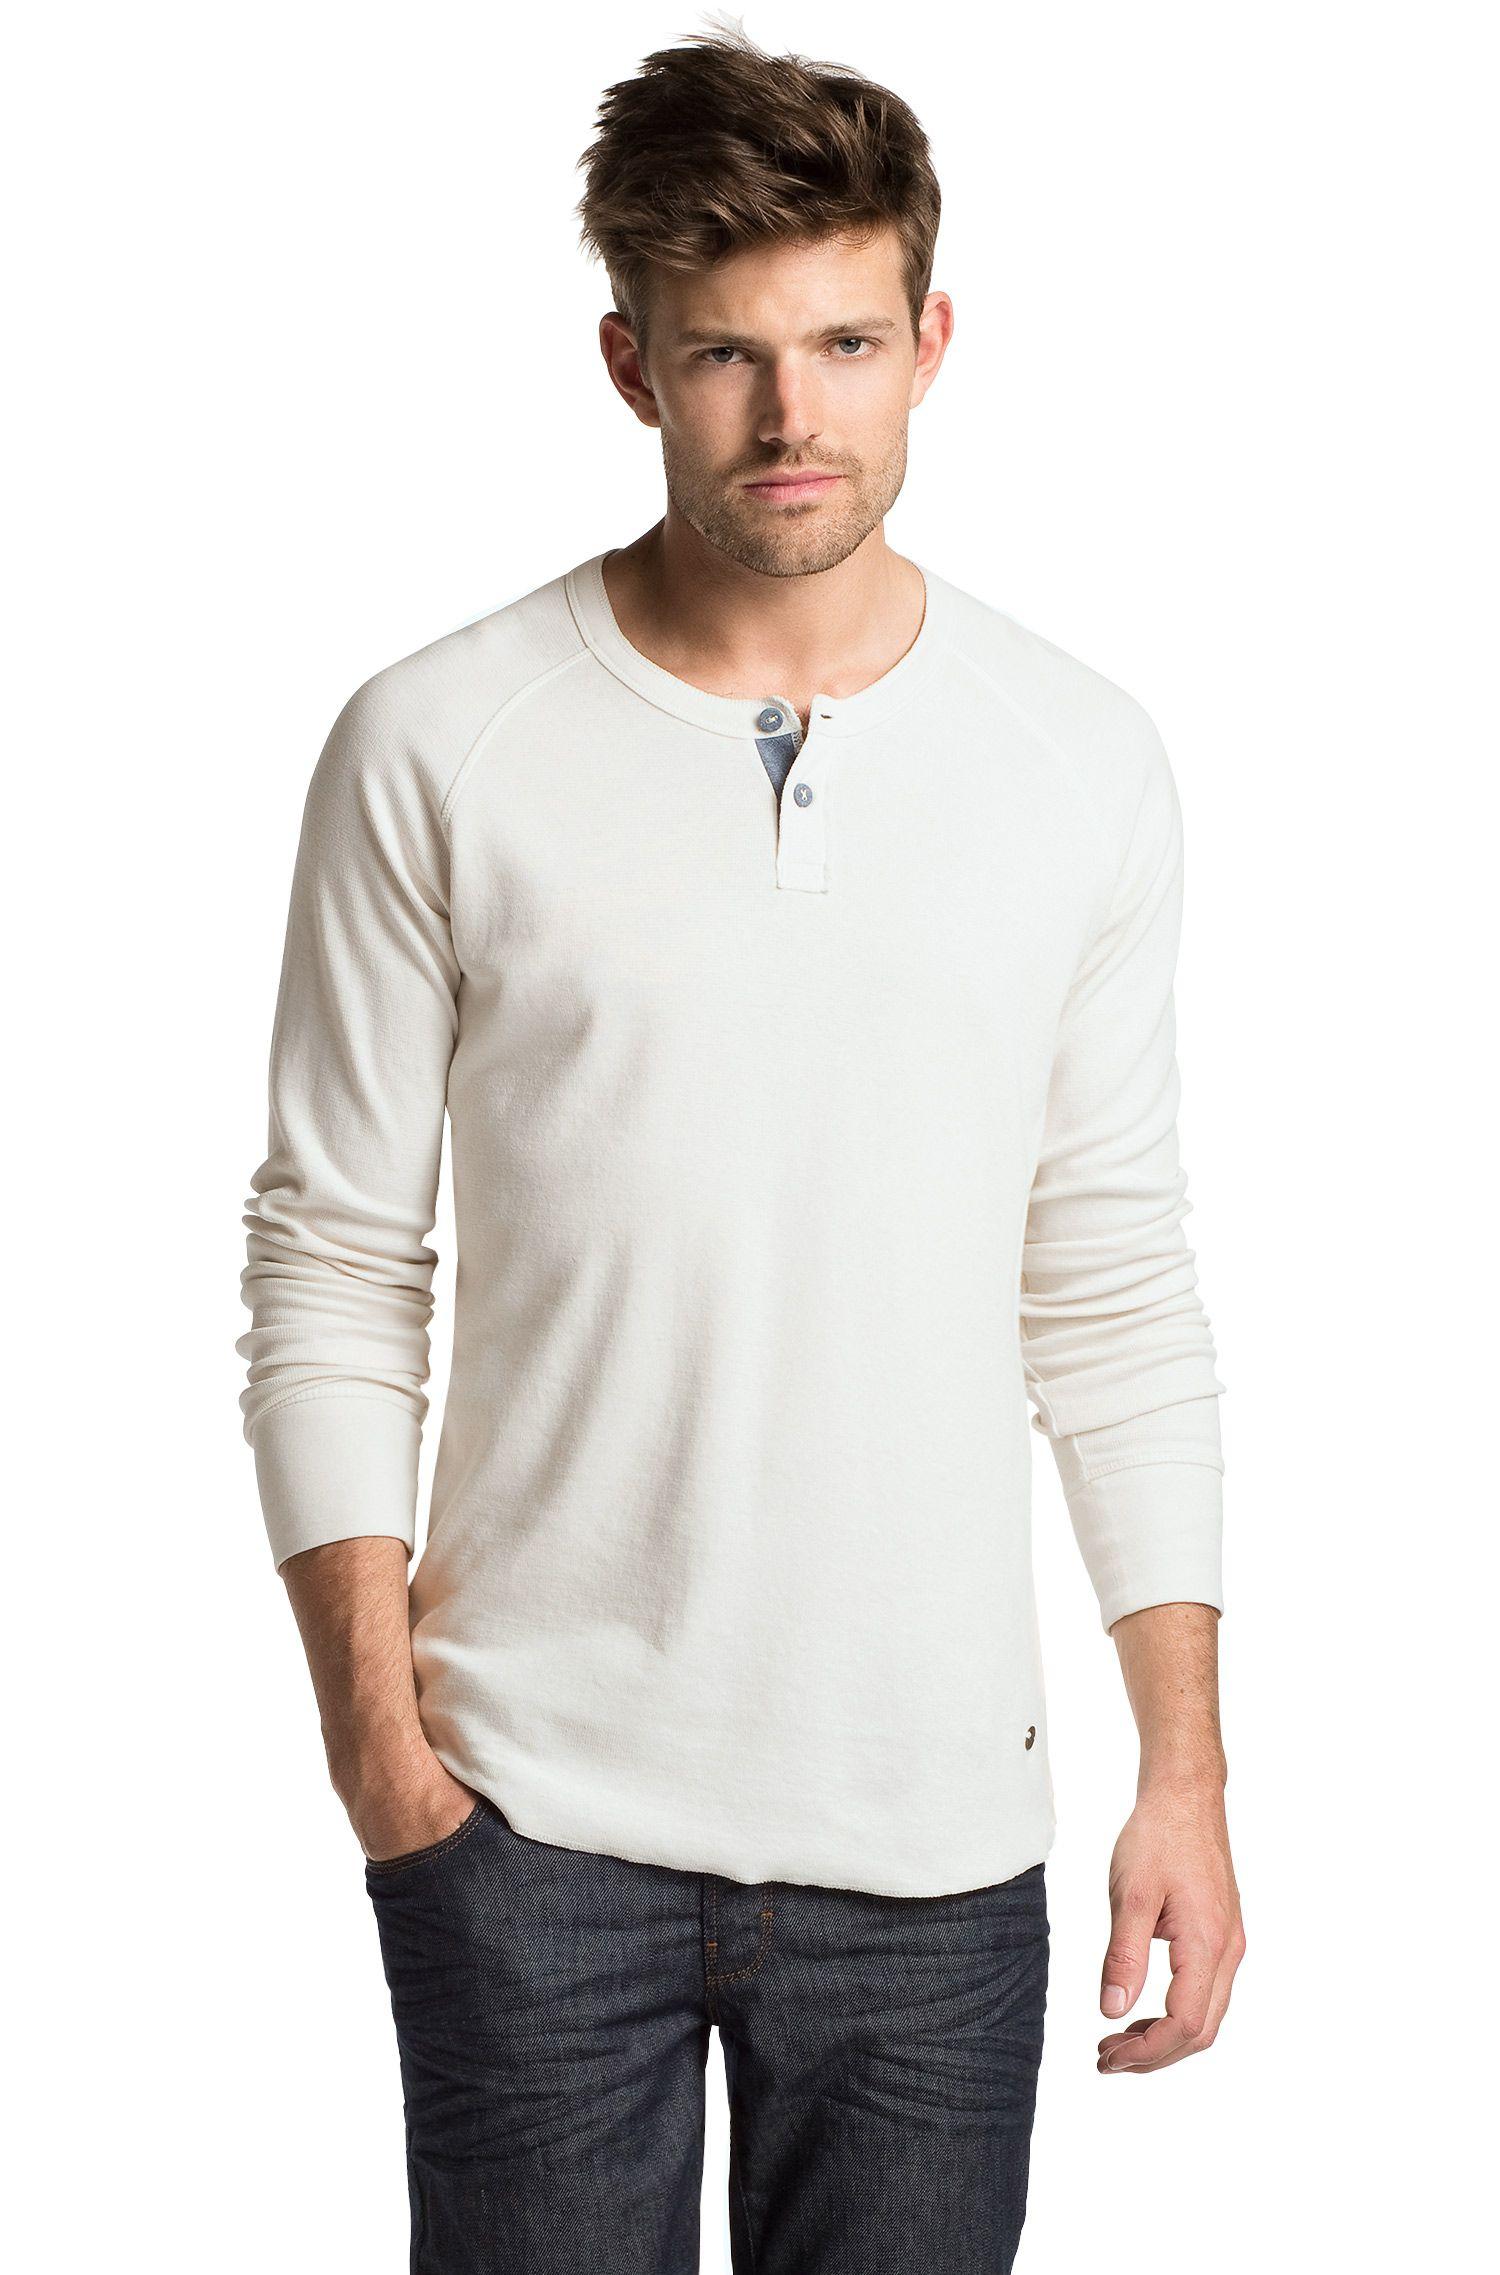 T-shirt en coton et élasthanne, Trucker 1